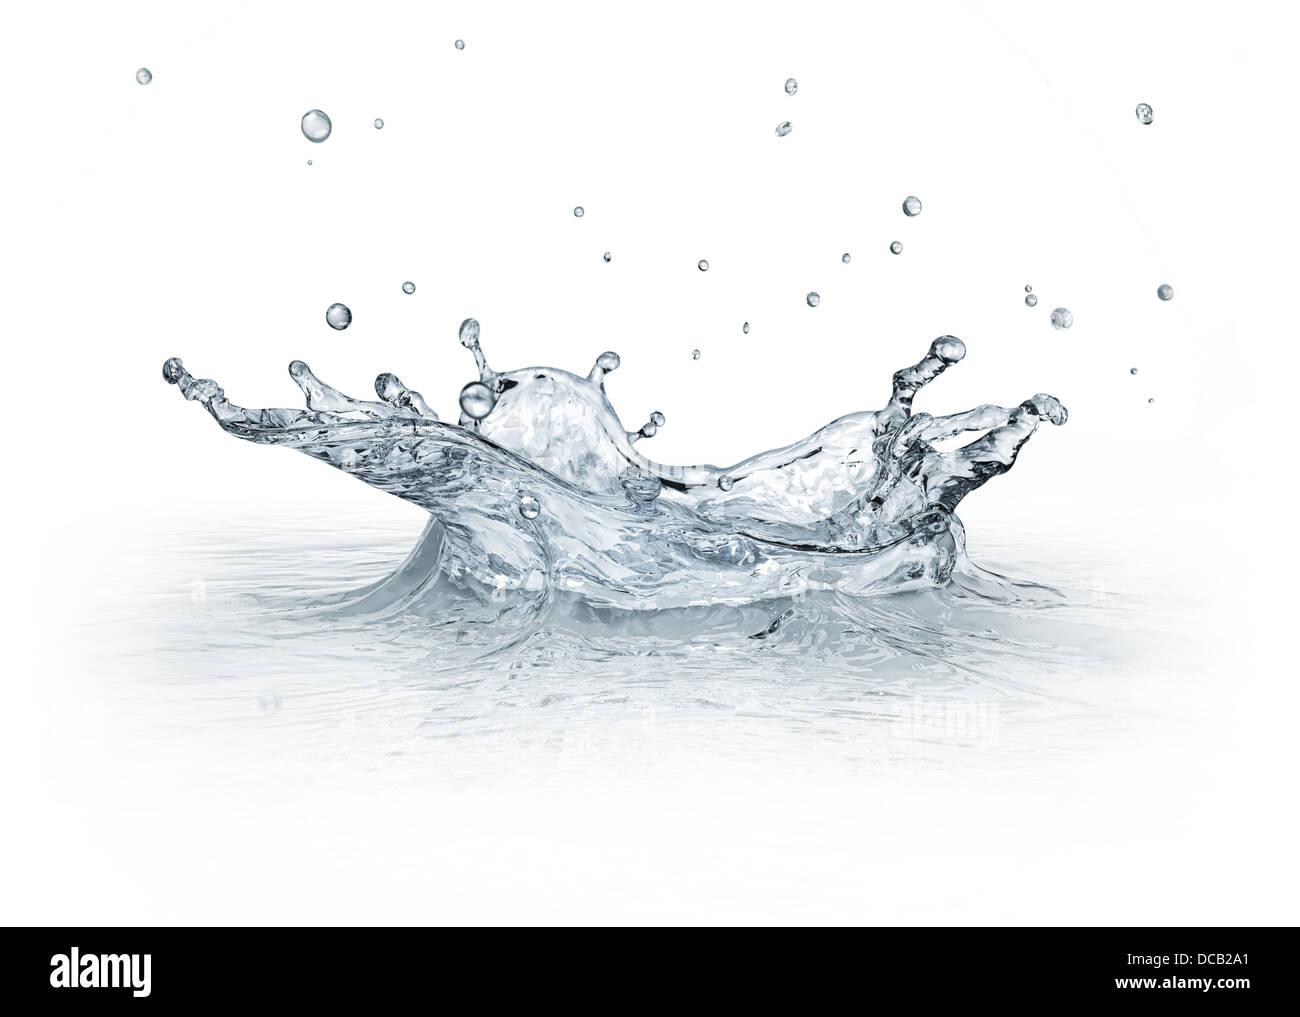 Acqua Splash isolato su sfondo bianco con alcune gocce di volare.. Immagine CGI. Immagini Stock